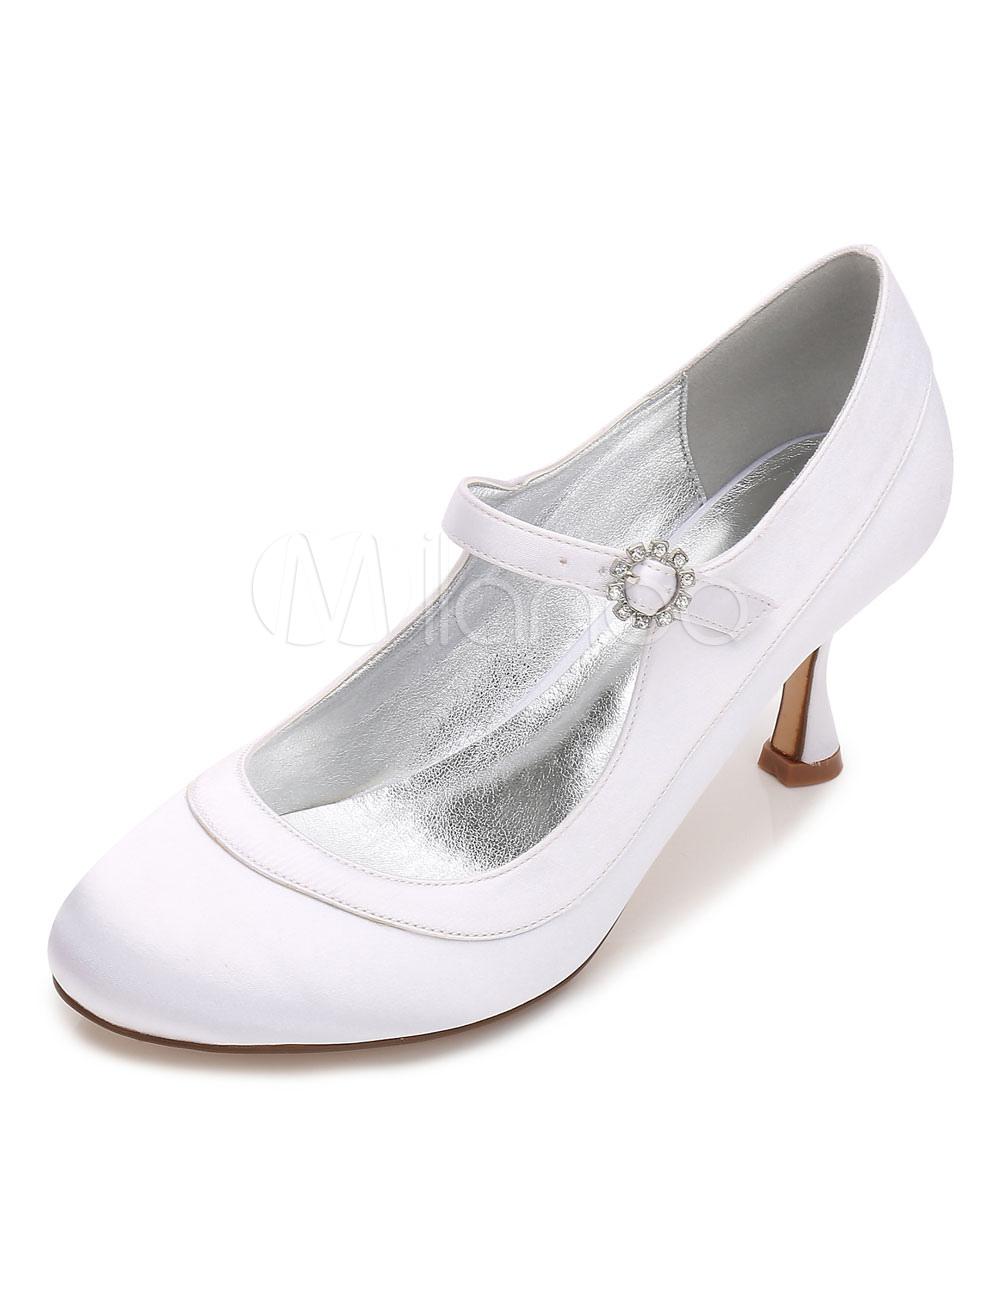 White Wedding Shoes Satin Round Toe Rhinestones Mary Jane Shoes For Women